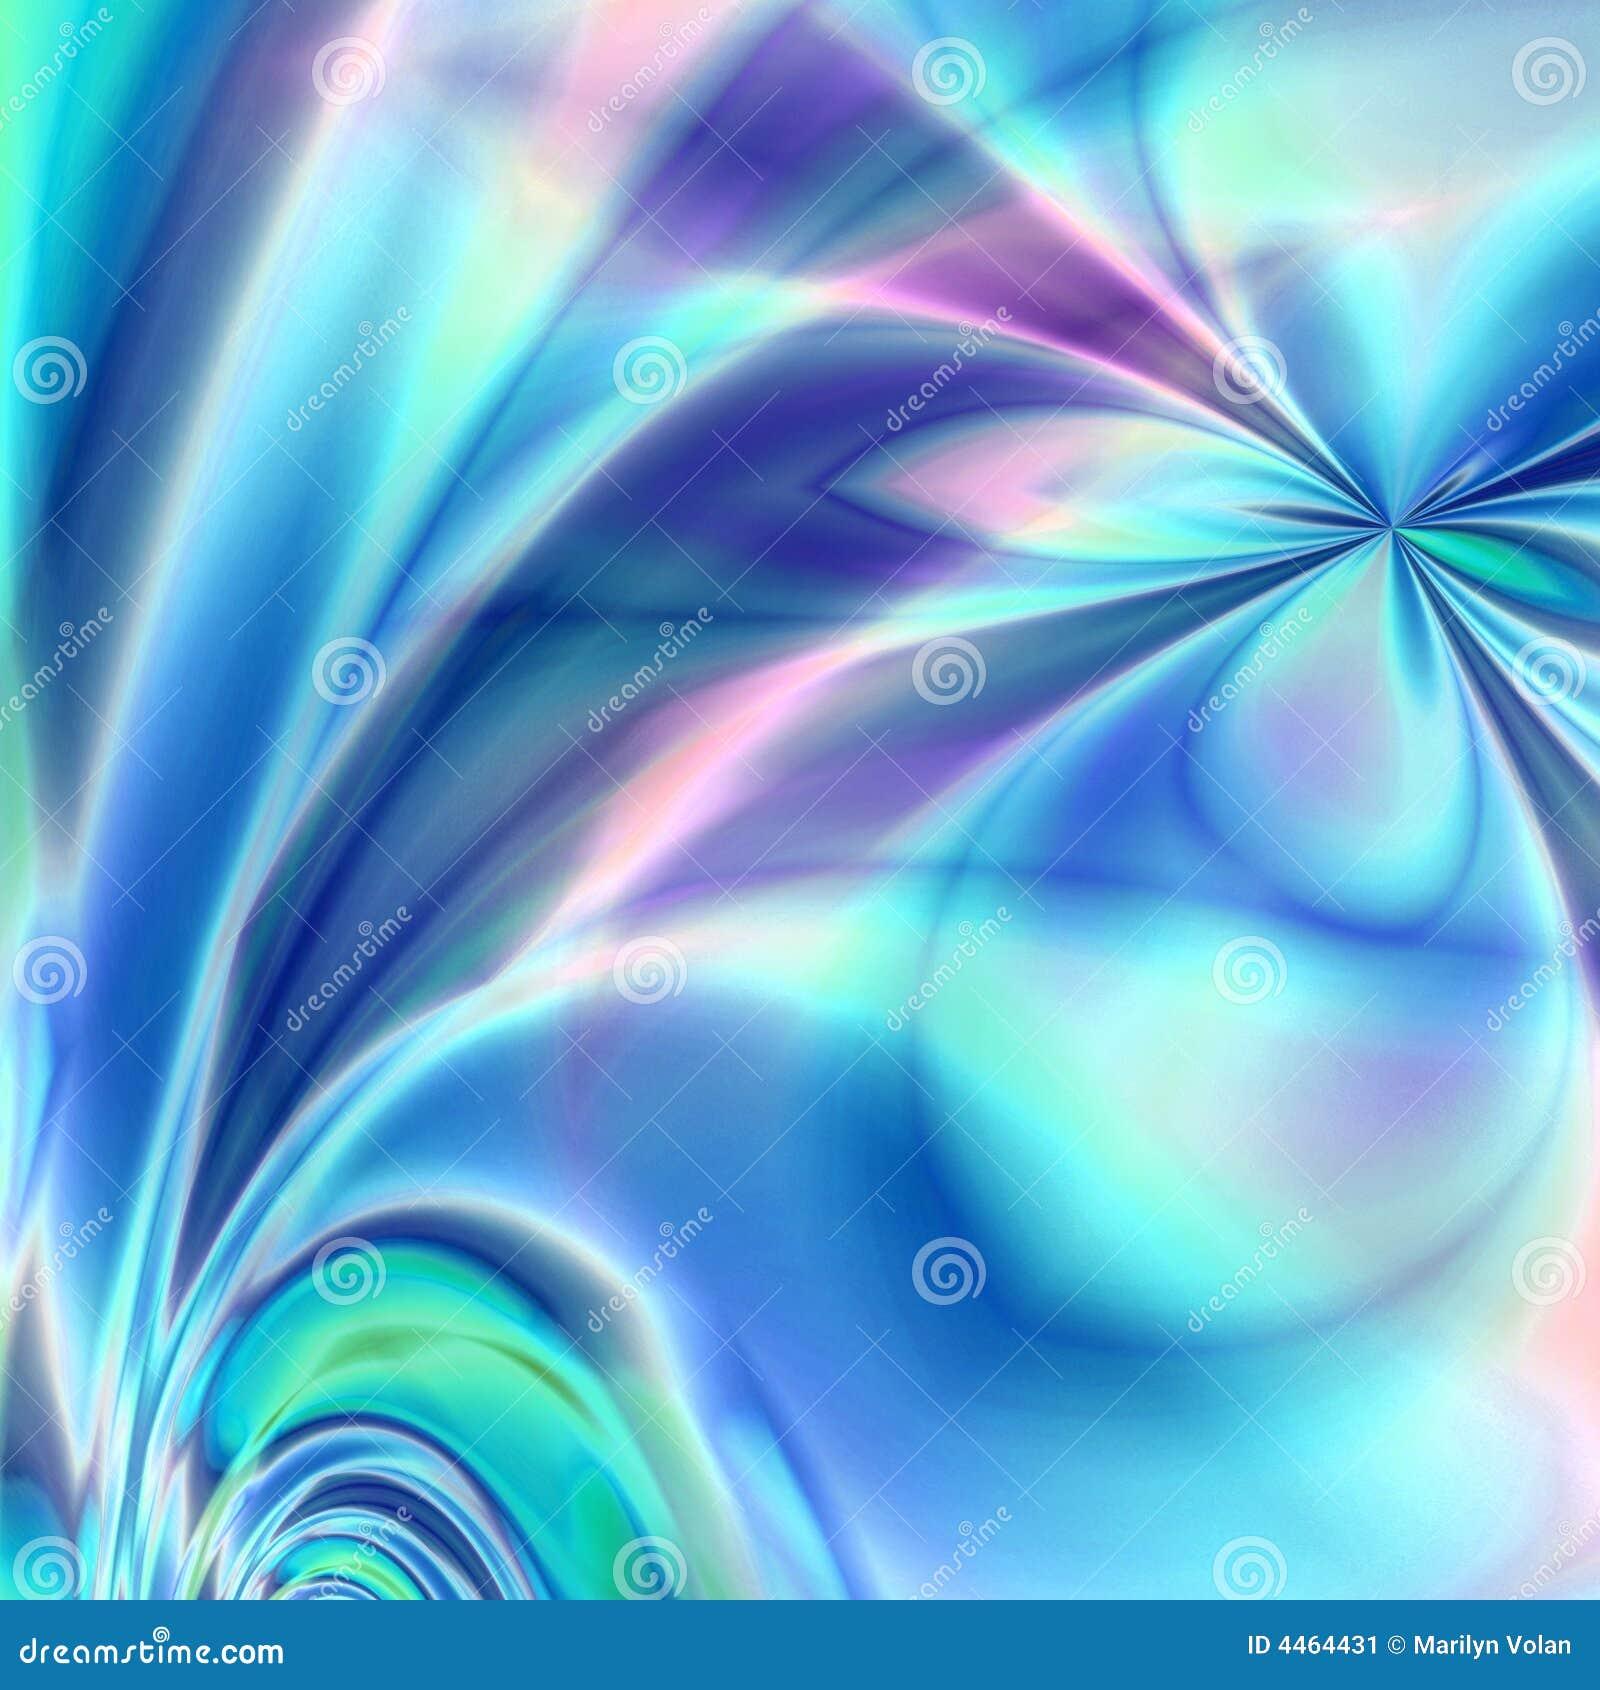 Fantasia blu del fiore immagine stock immagine 4464431 for Sfondi fantasia